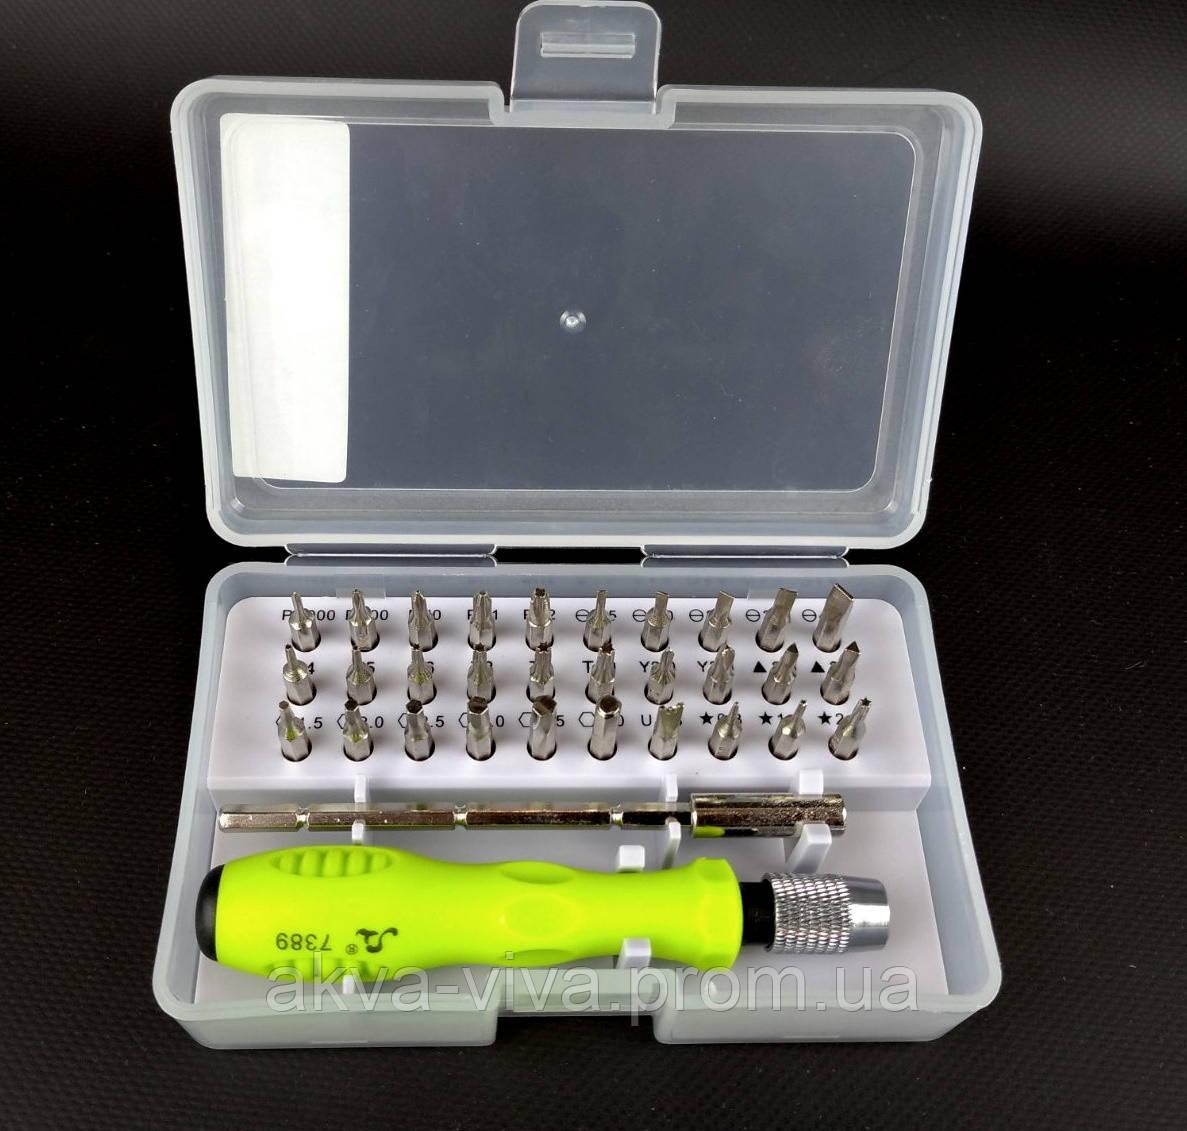 Набор отверток для ремонта телефонов и компьютеров 32 в 1 (НИ-2032)